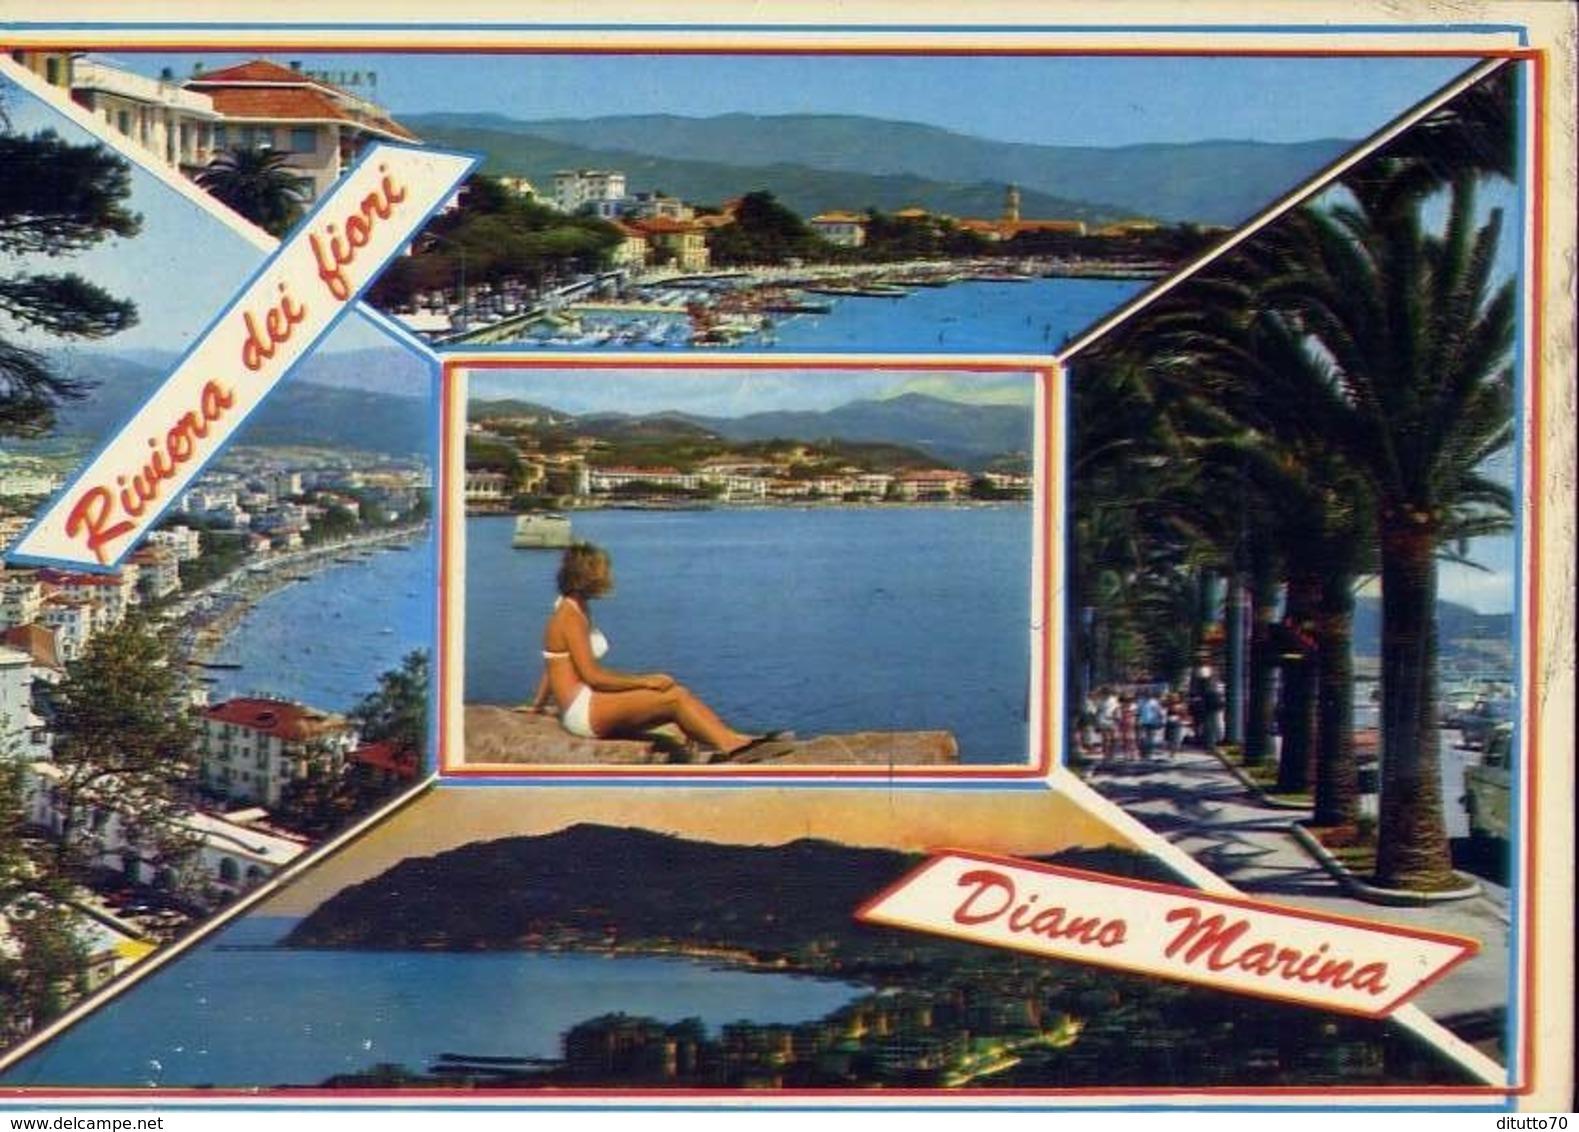 Diano Marina - 522-036 - Formato Grande Viaggiata – E 14 - Imperia